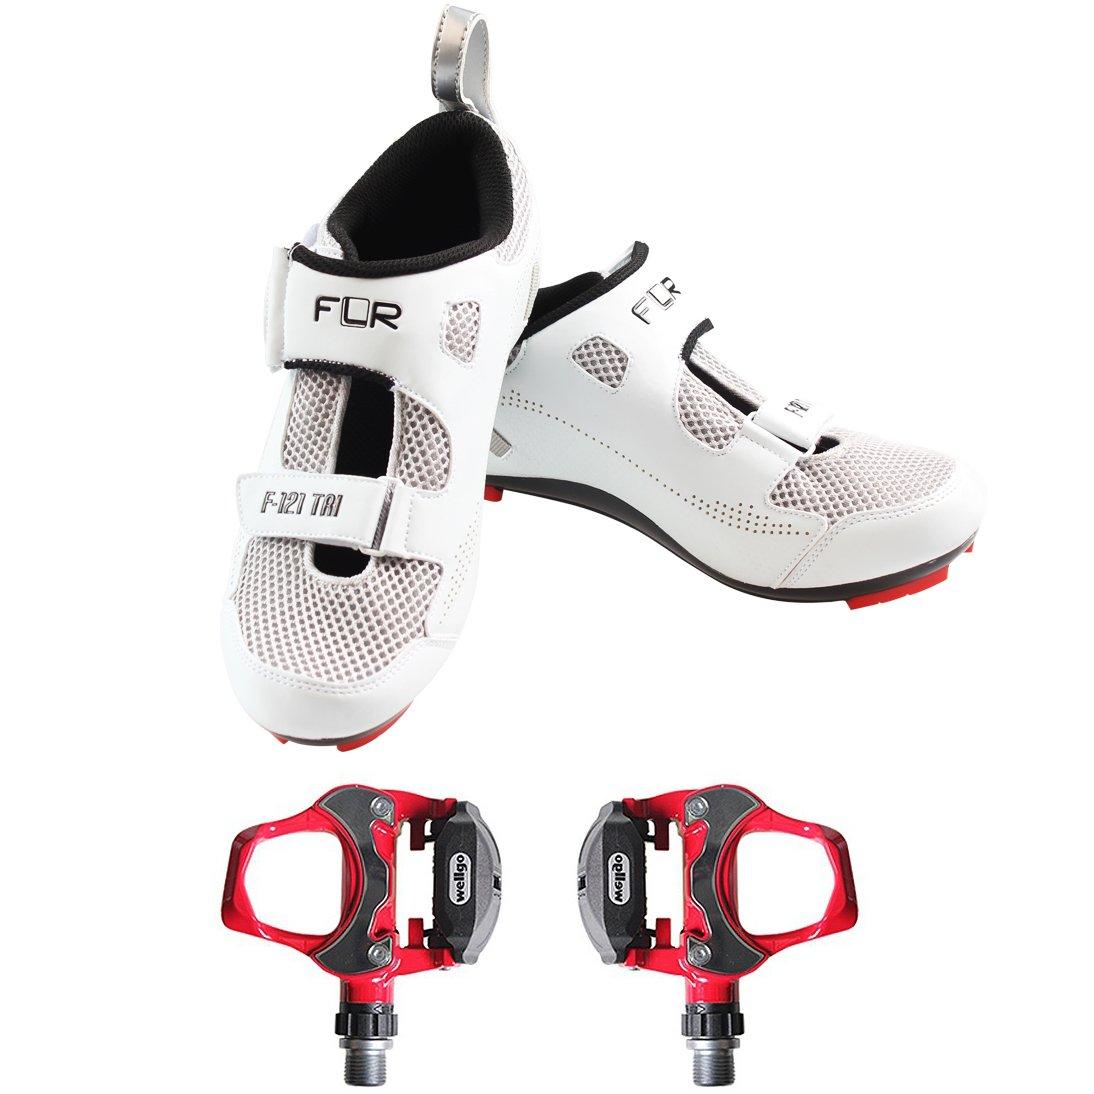 Ciclismo de Carretera Zapatos f-121 Ciclismo Zapatos y Pedales ...